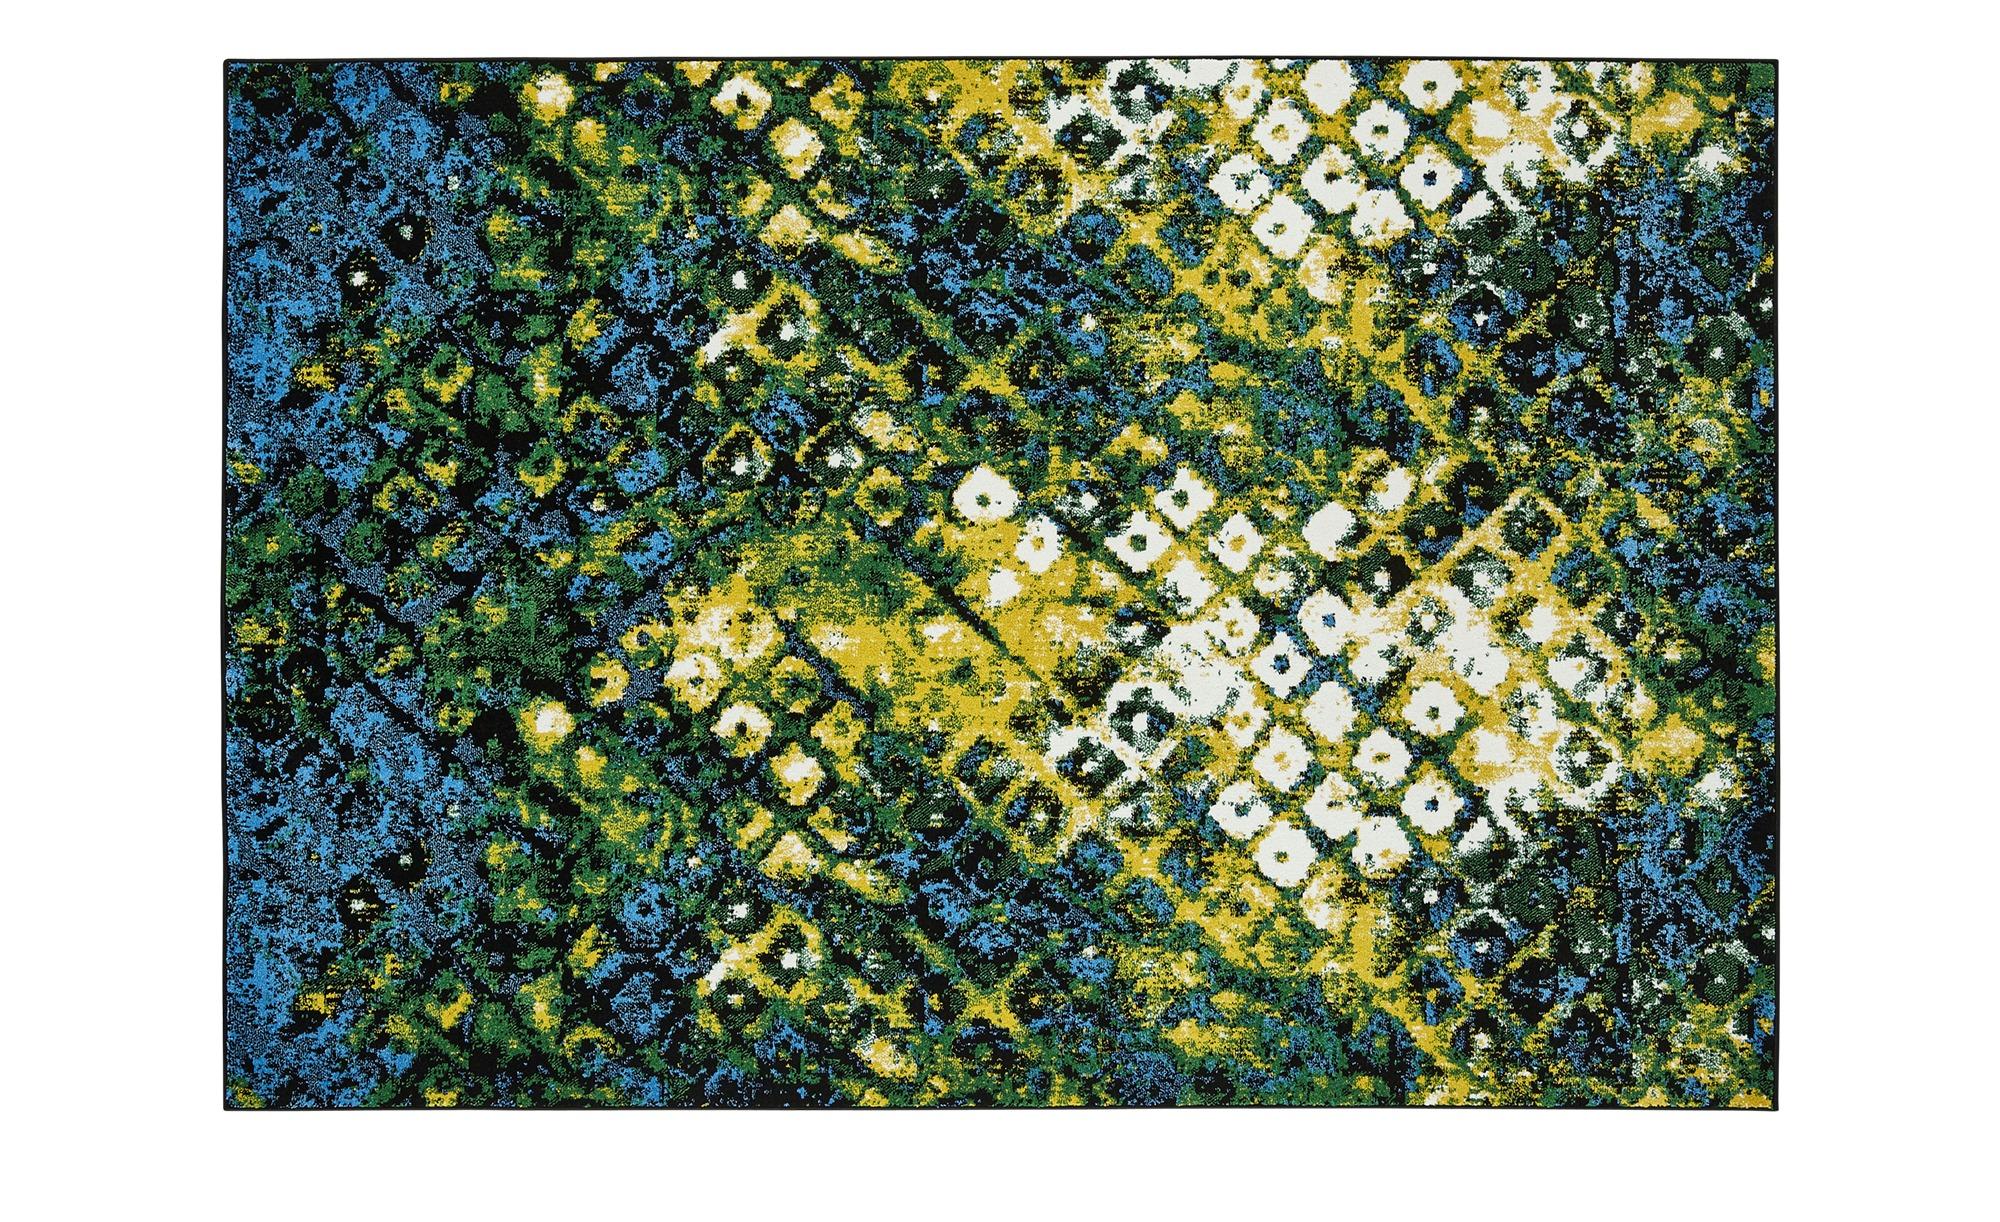 Webteppich  MoveOne ¦ grün ¦ 100% Polypropylen ¦ Maße (cm): B: 133 Teppiche > Wohnteppiche - Höffner